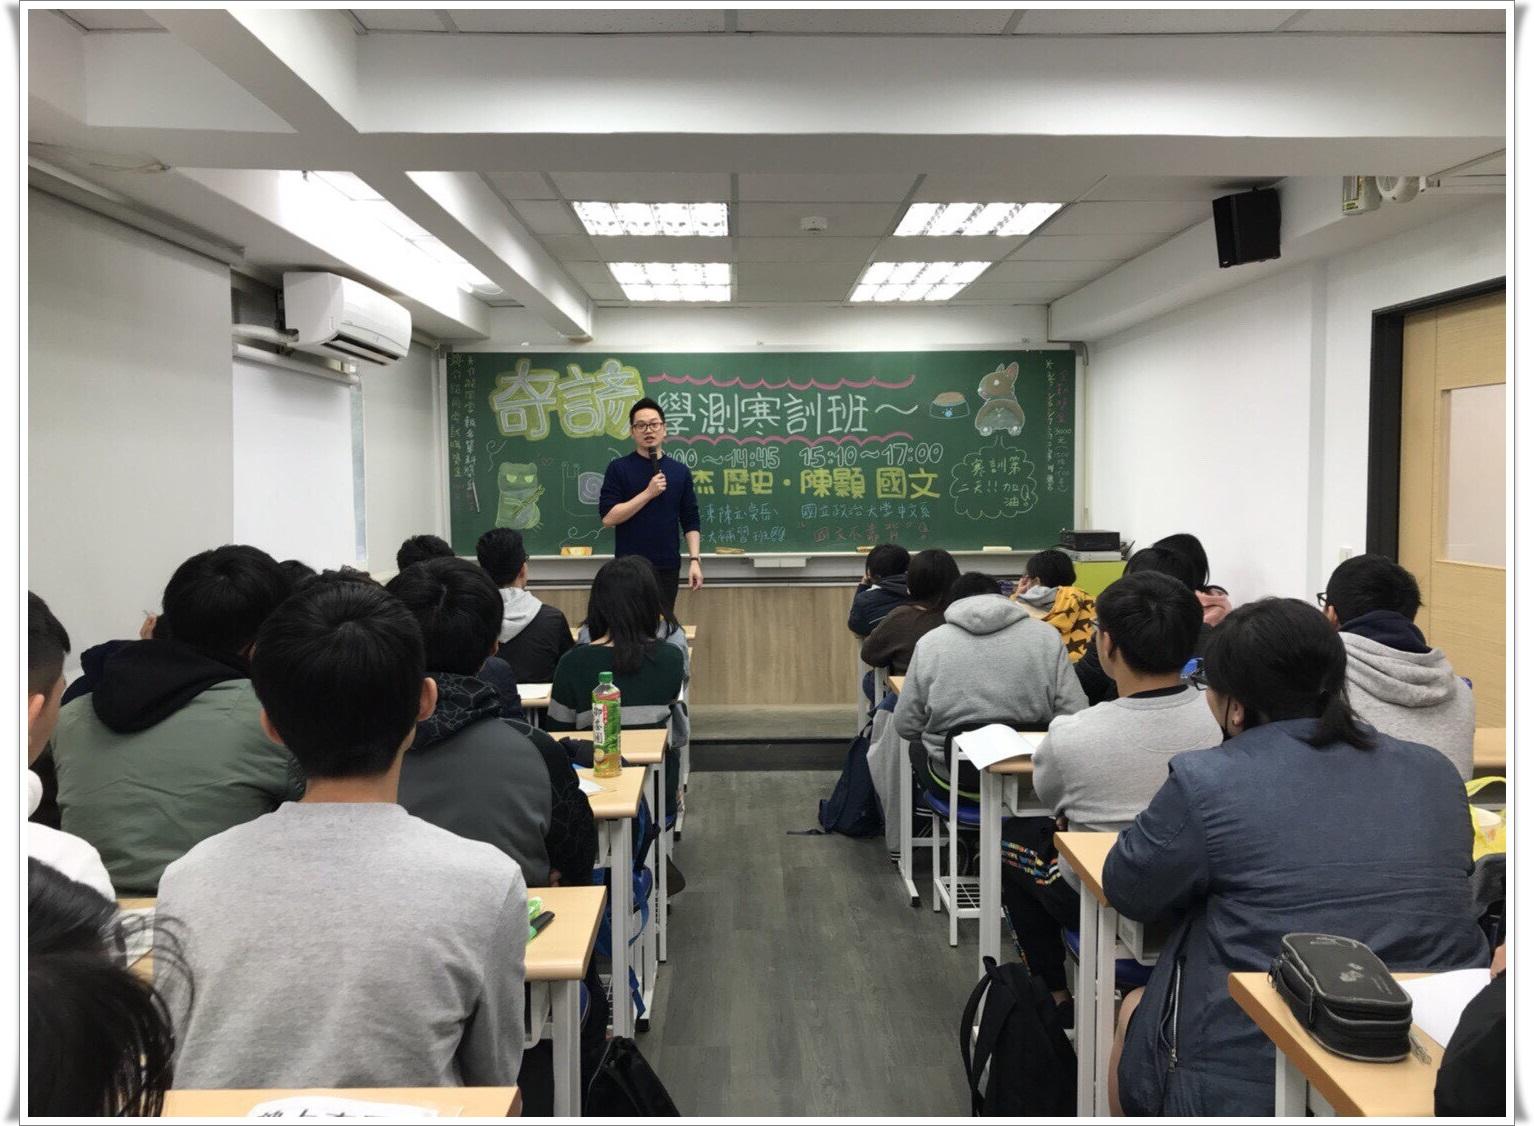 補習班環境介紹4